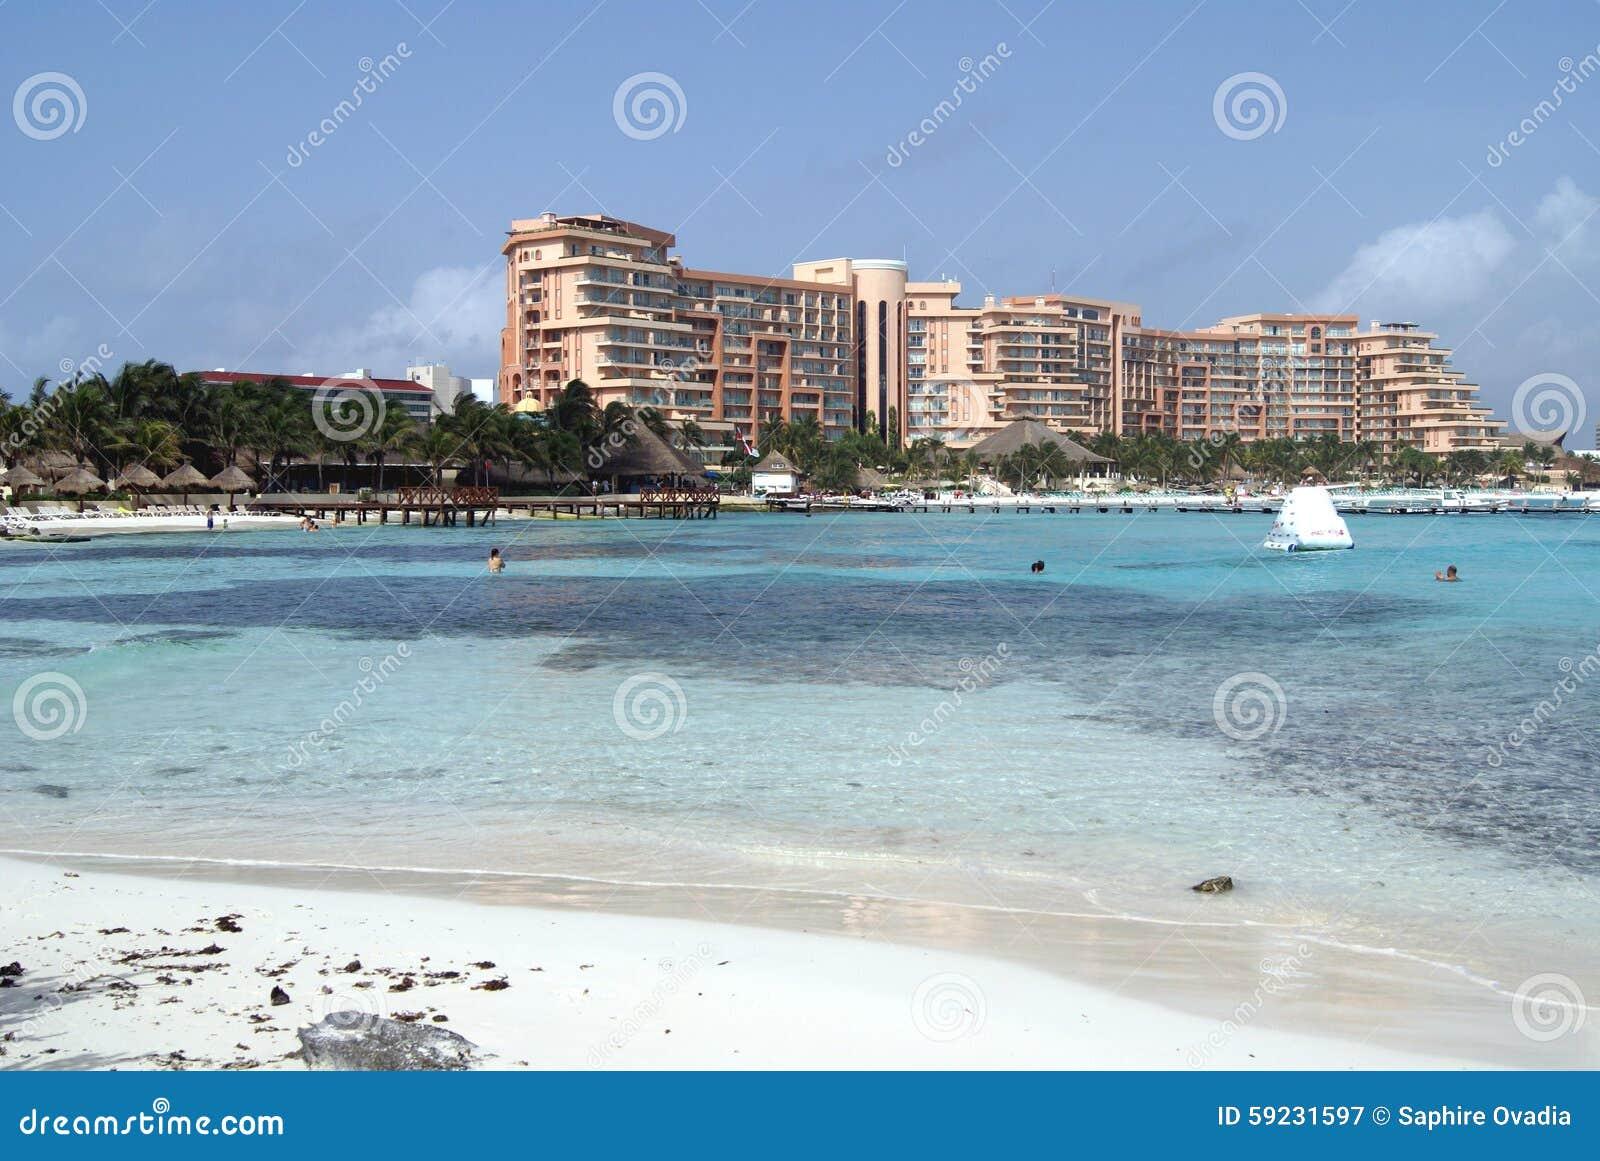 Download Playa mexicana imagen de archivo. Imagen de configuración - 59231597